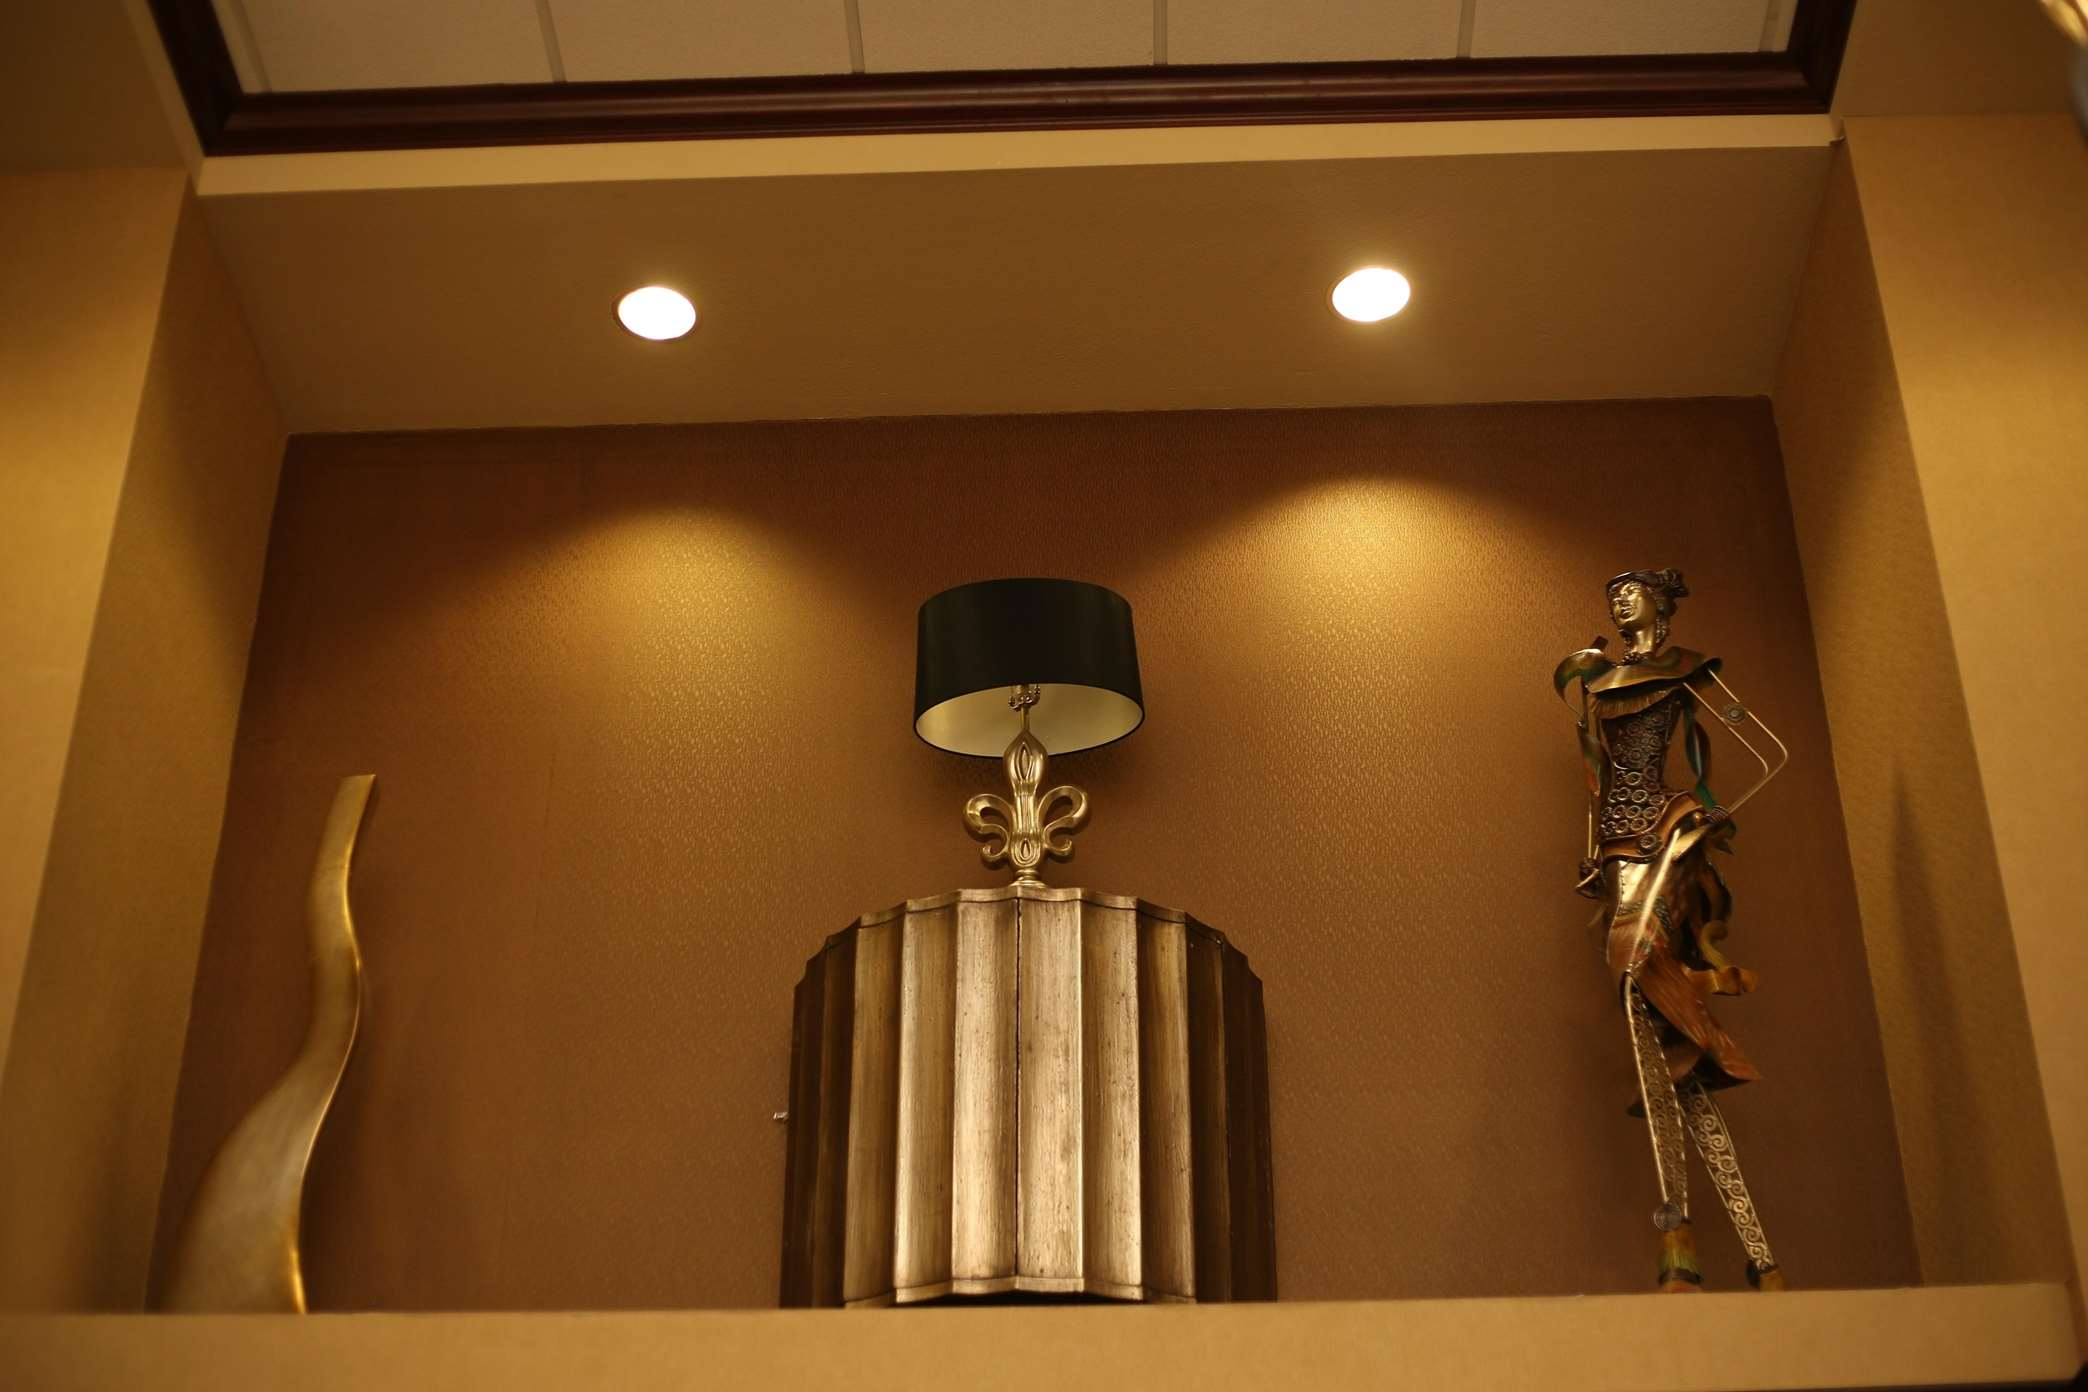 Hampton Inn & Suites Lafayette image 1